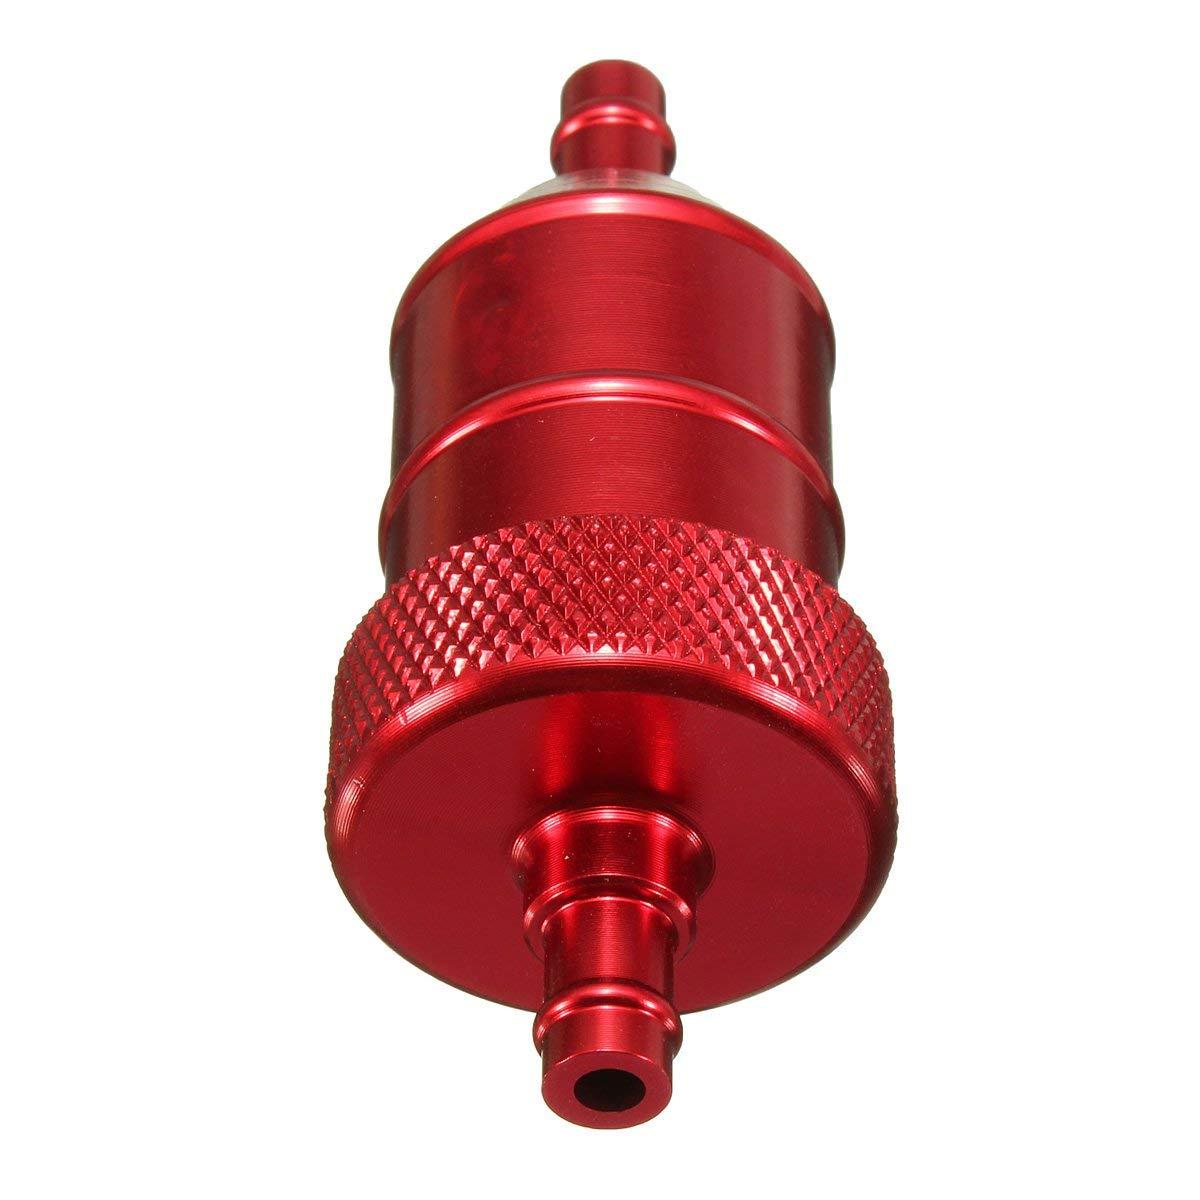 Filtro de combustible de moto - SODIAL(R)filtro de combustible CNC de scooter de quad de motocicleta de 6mm 1/4